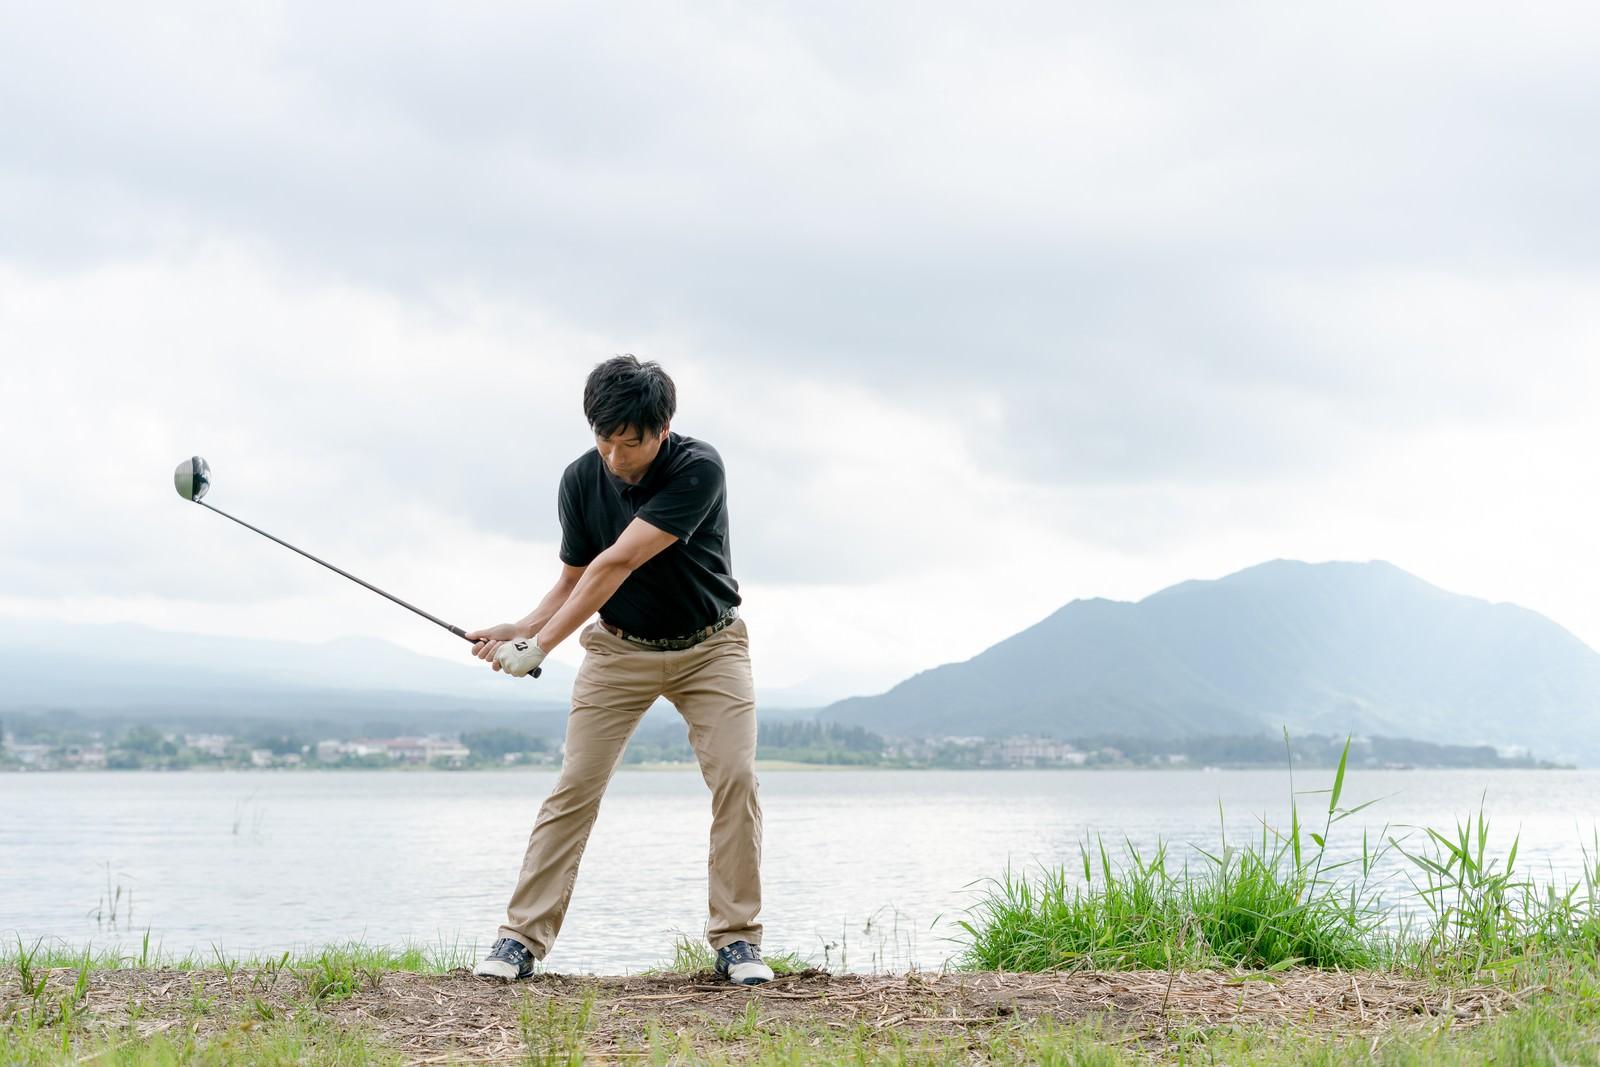 「スコアが伸びるゴルファーのスイング | 写真の無料素材・フリー素材 - ぱくたそ」の写真[モデル:サカモトリョウ]